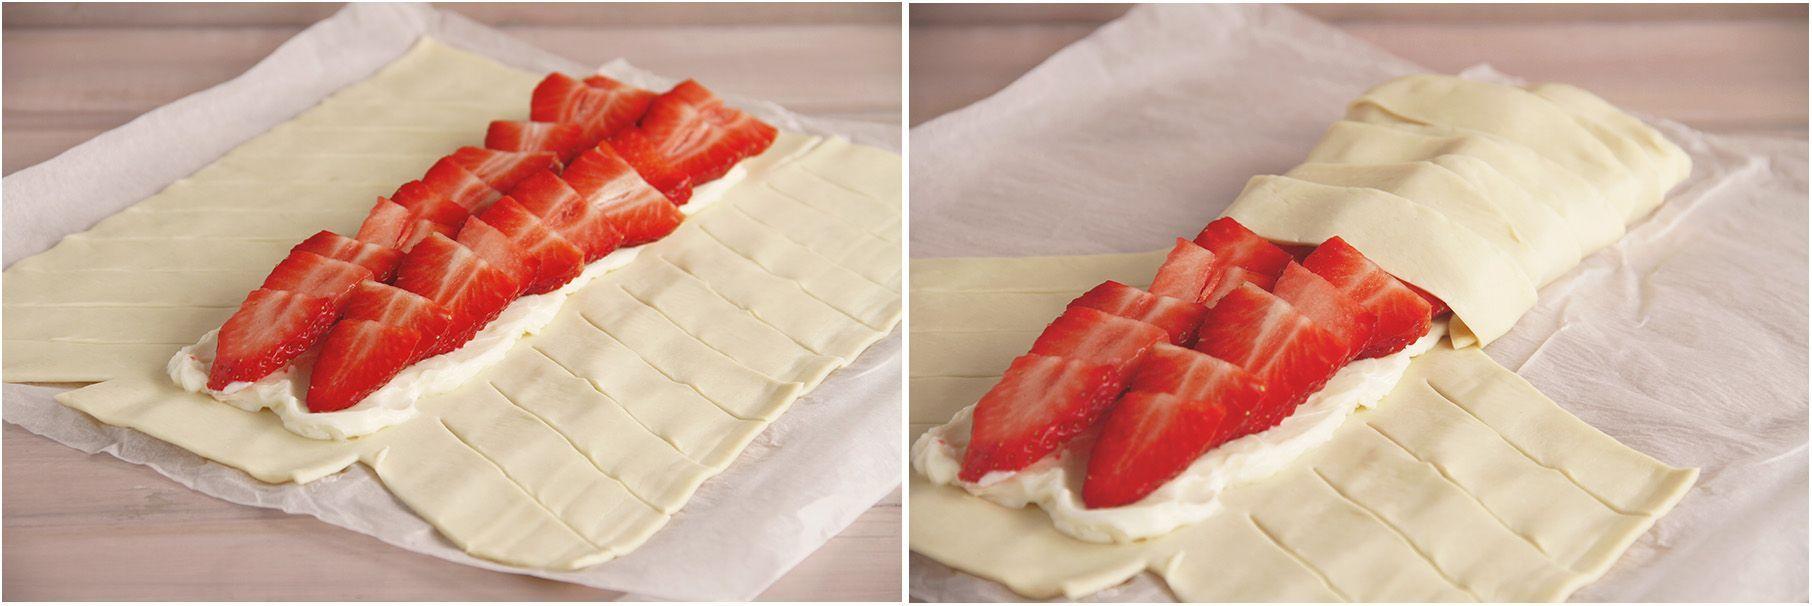 Trenza de fresas y queso cremoso